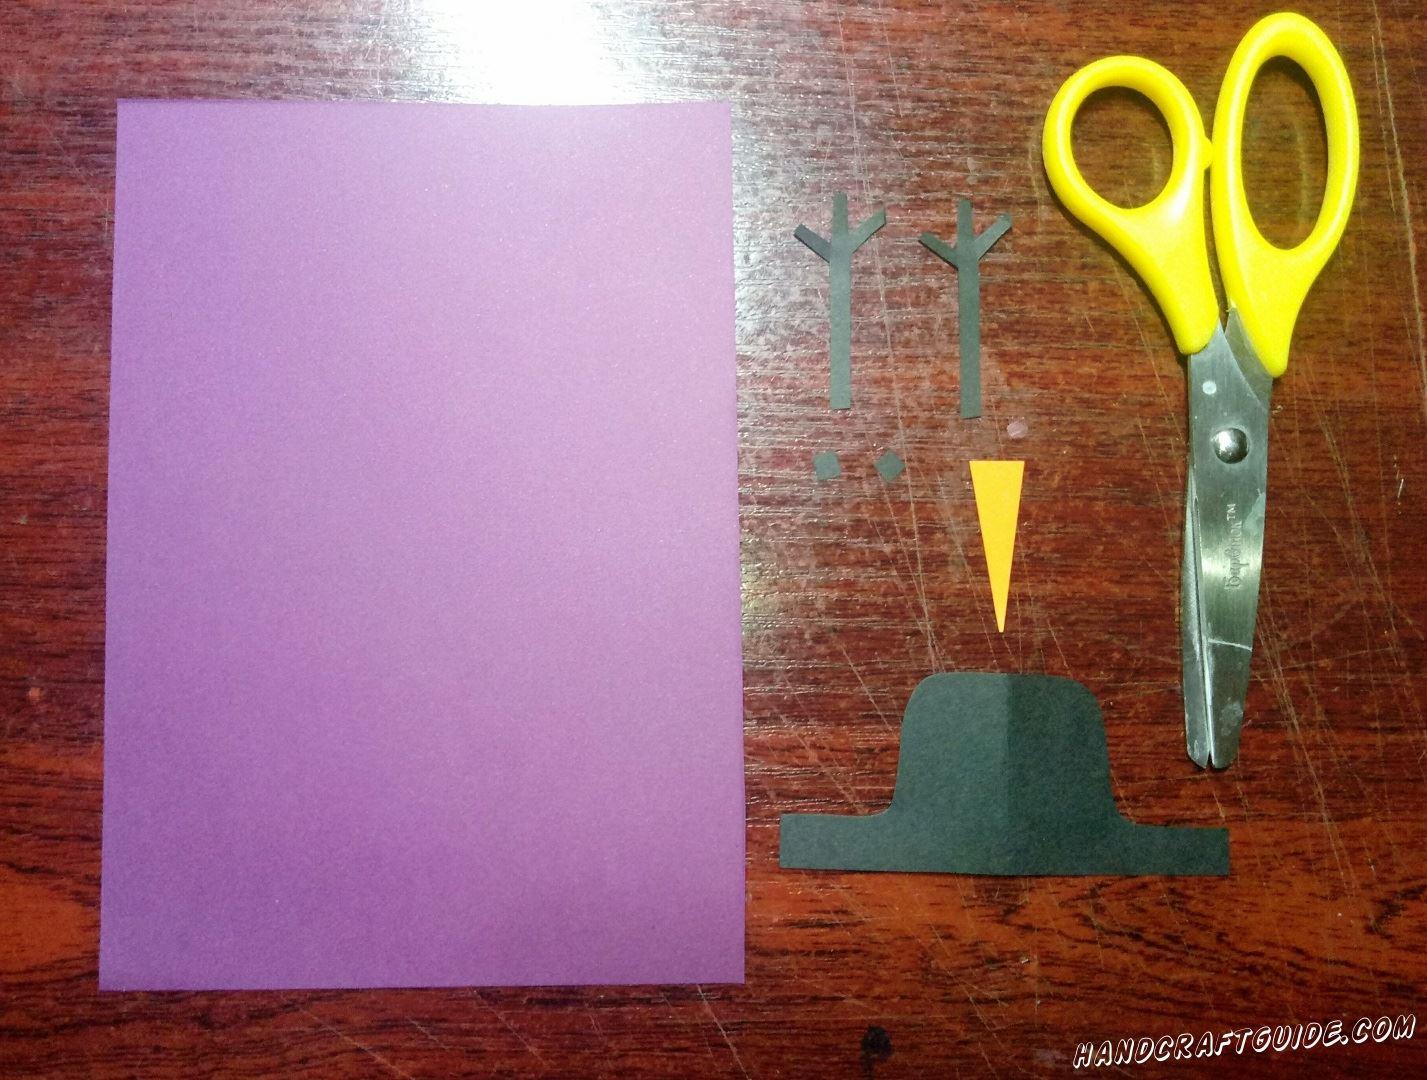 Из бумаги чёрного цвета  мы вырезаем две веточки-ручки, два глазика и шляпу. Также нам нужно вырезать оранжевый носик